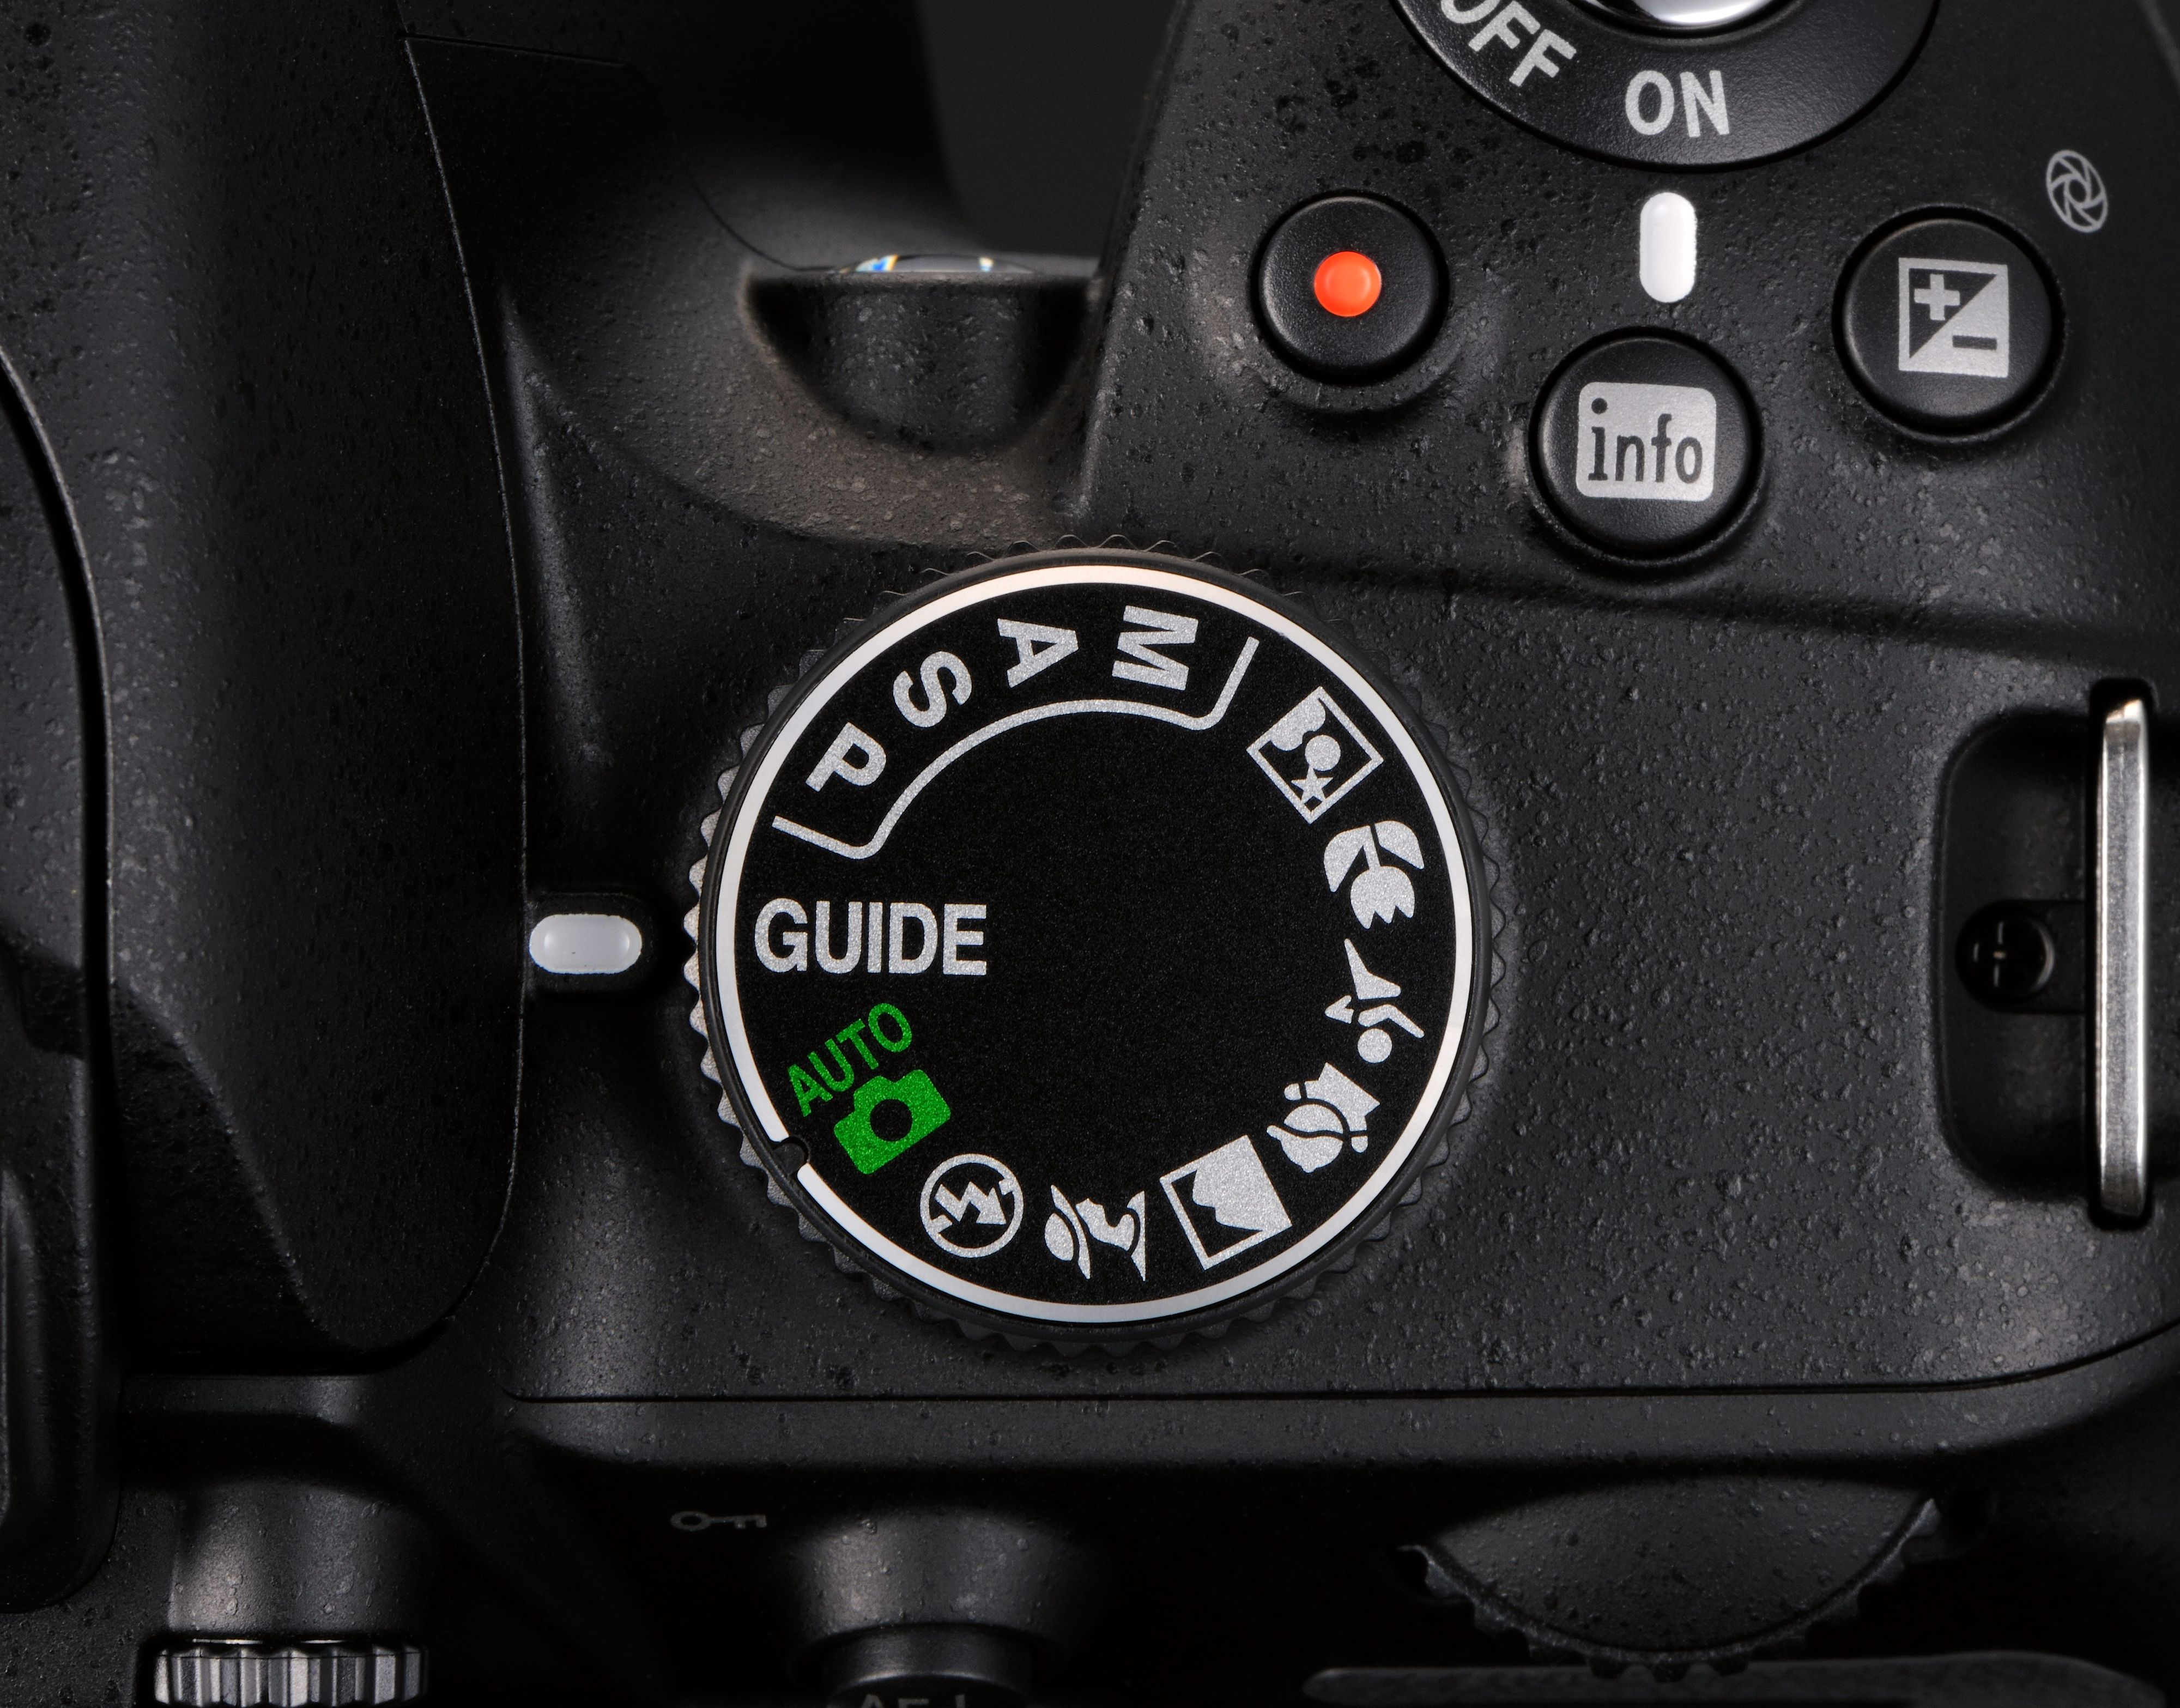 Programhjulet til Nikon D3200.